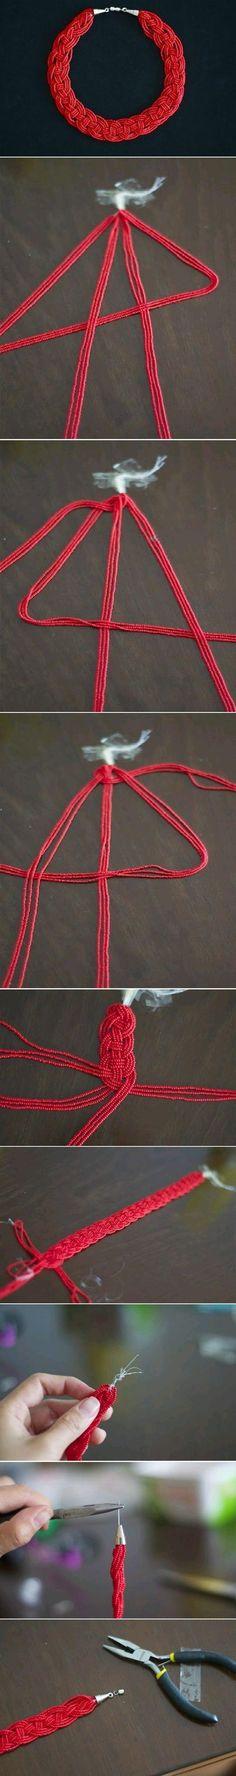 DIY Pretty Bead Necklace DIY Projects / UsefulDIY.com